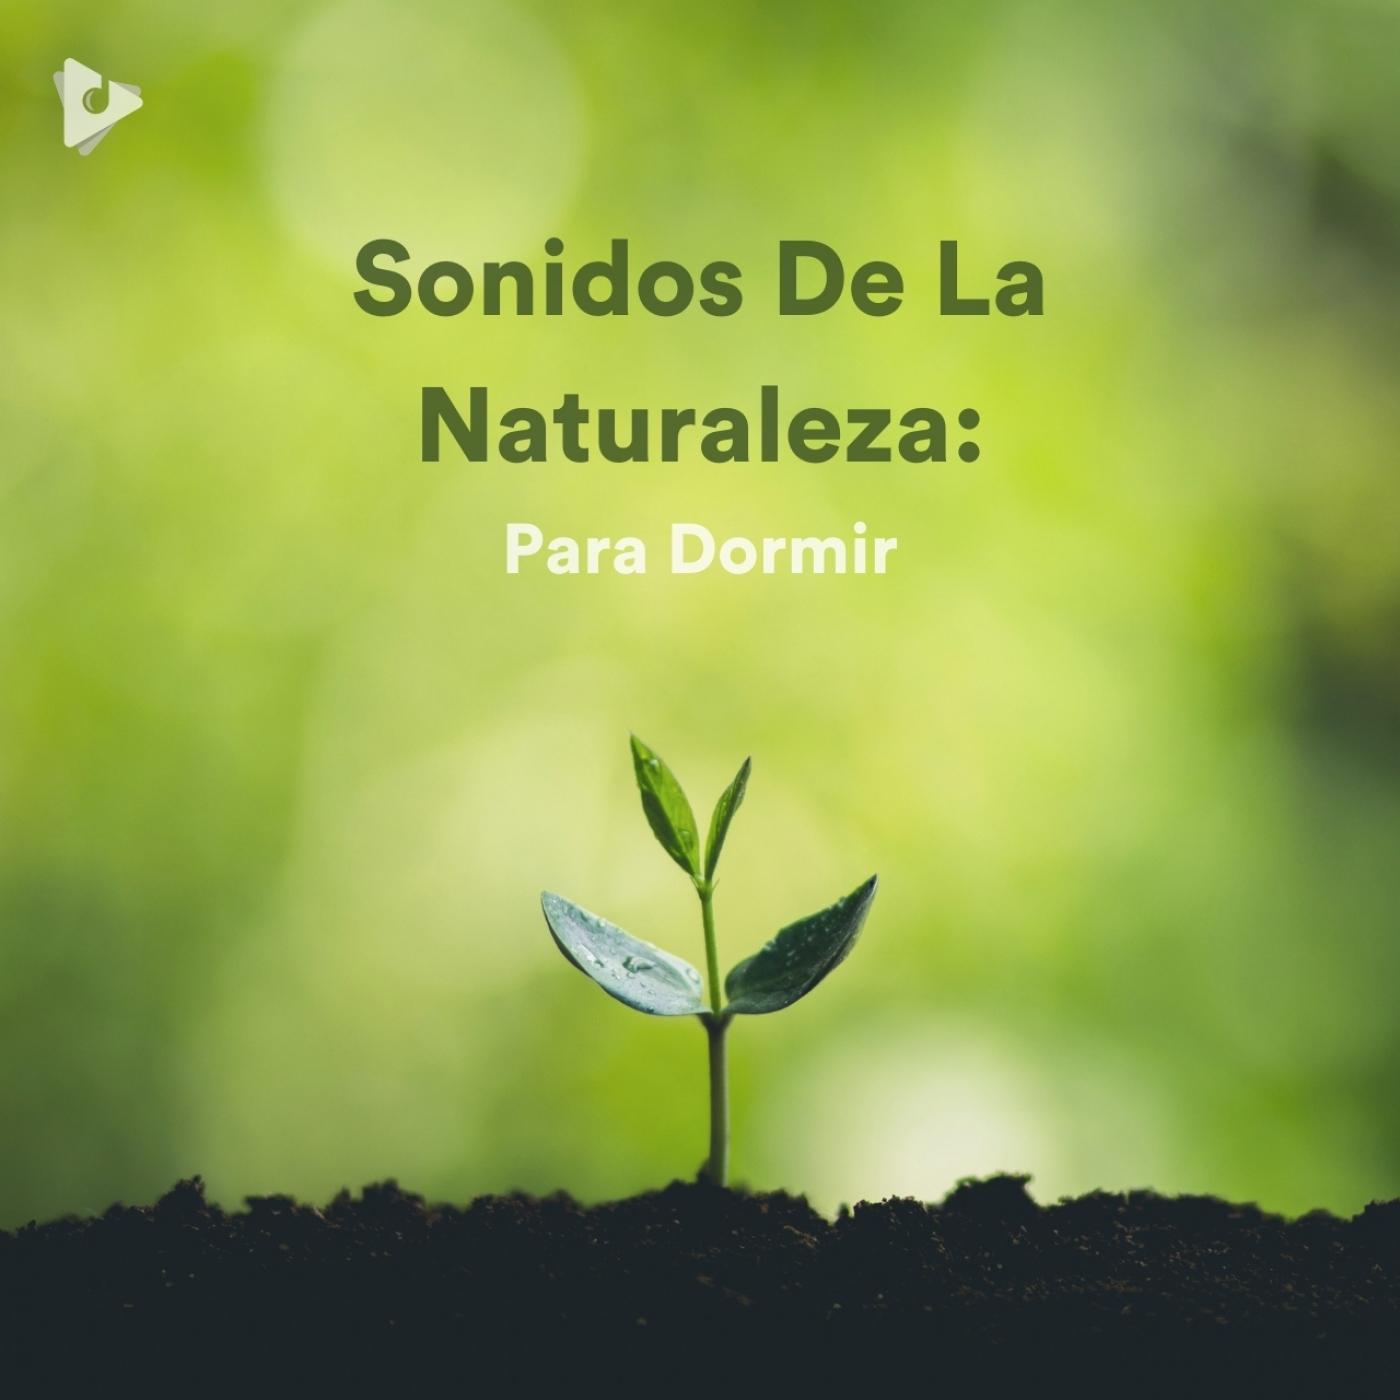 Sonidos De La Naturaleza: Para Dormir